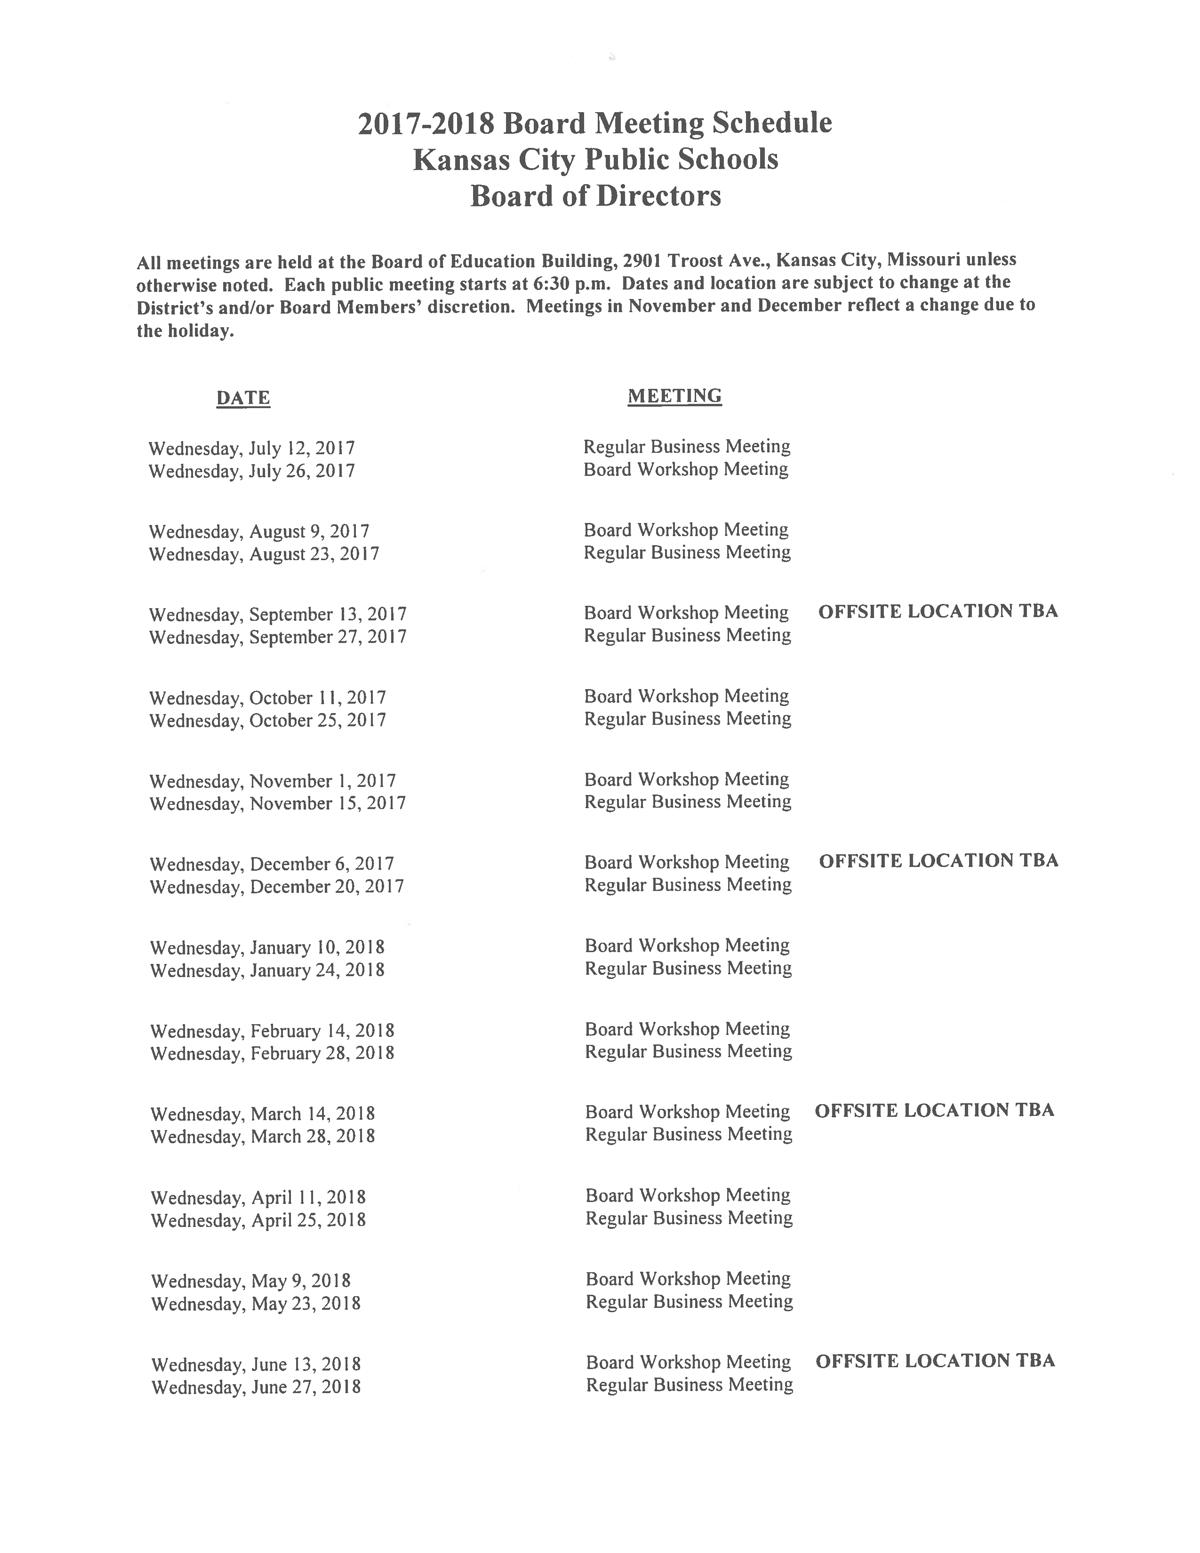 Board Of Education Calendar / Board Of Education Calendar Regarding Board Of Education Calendar